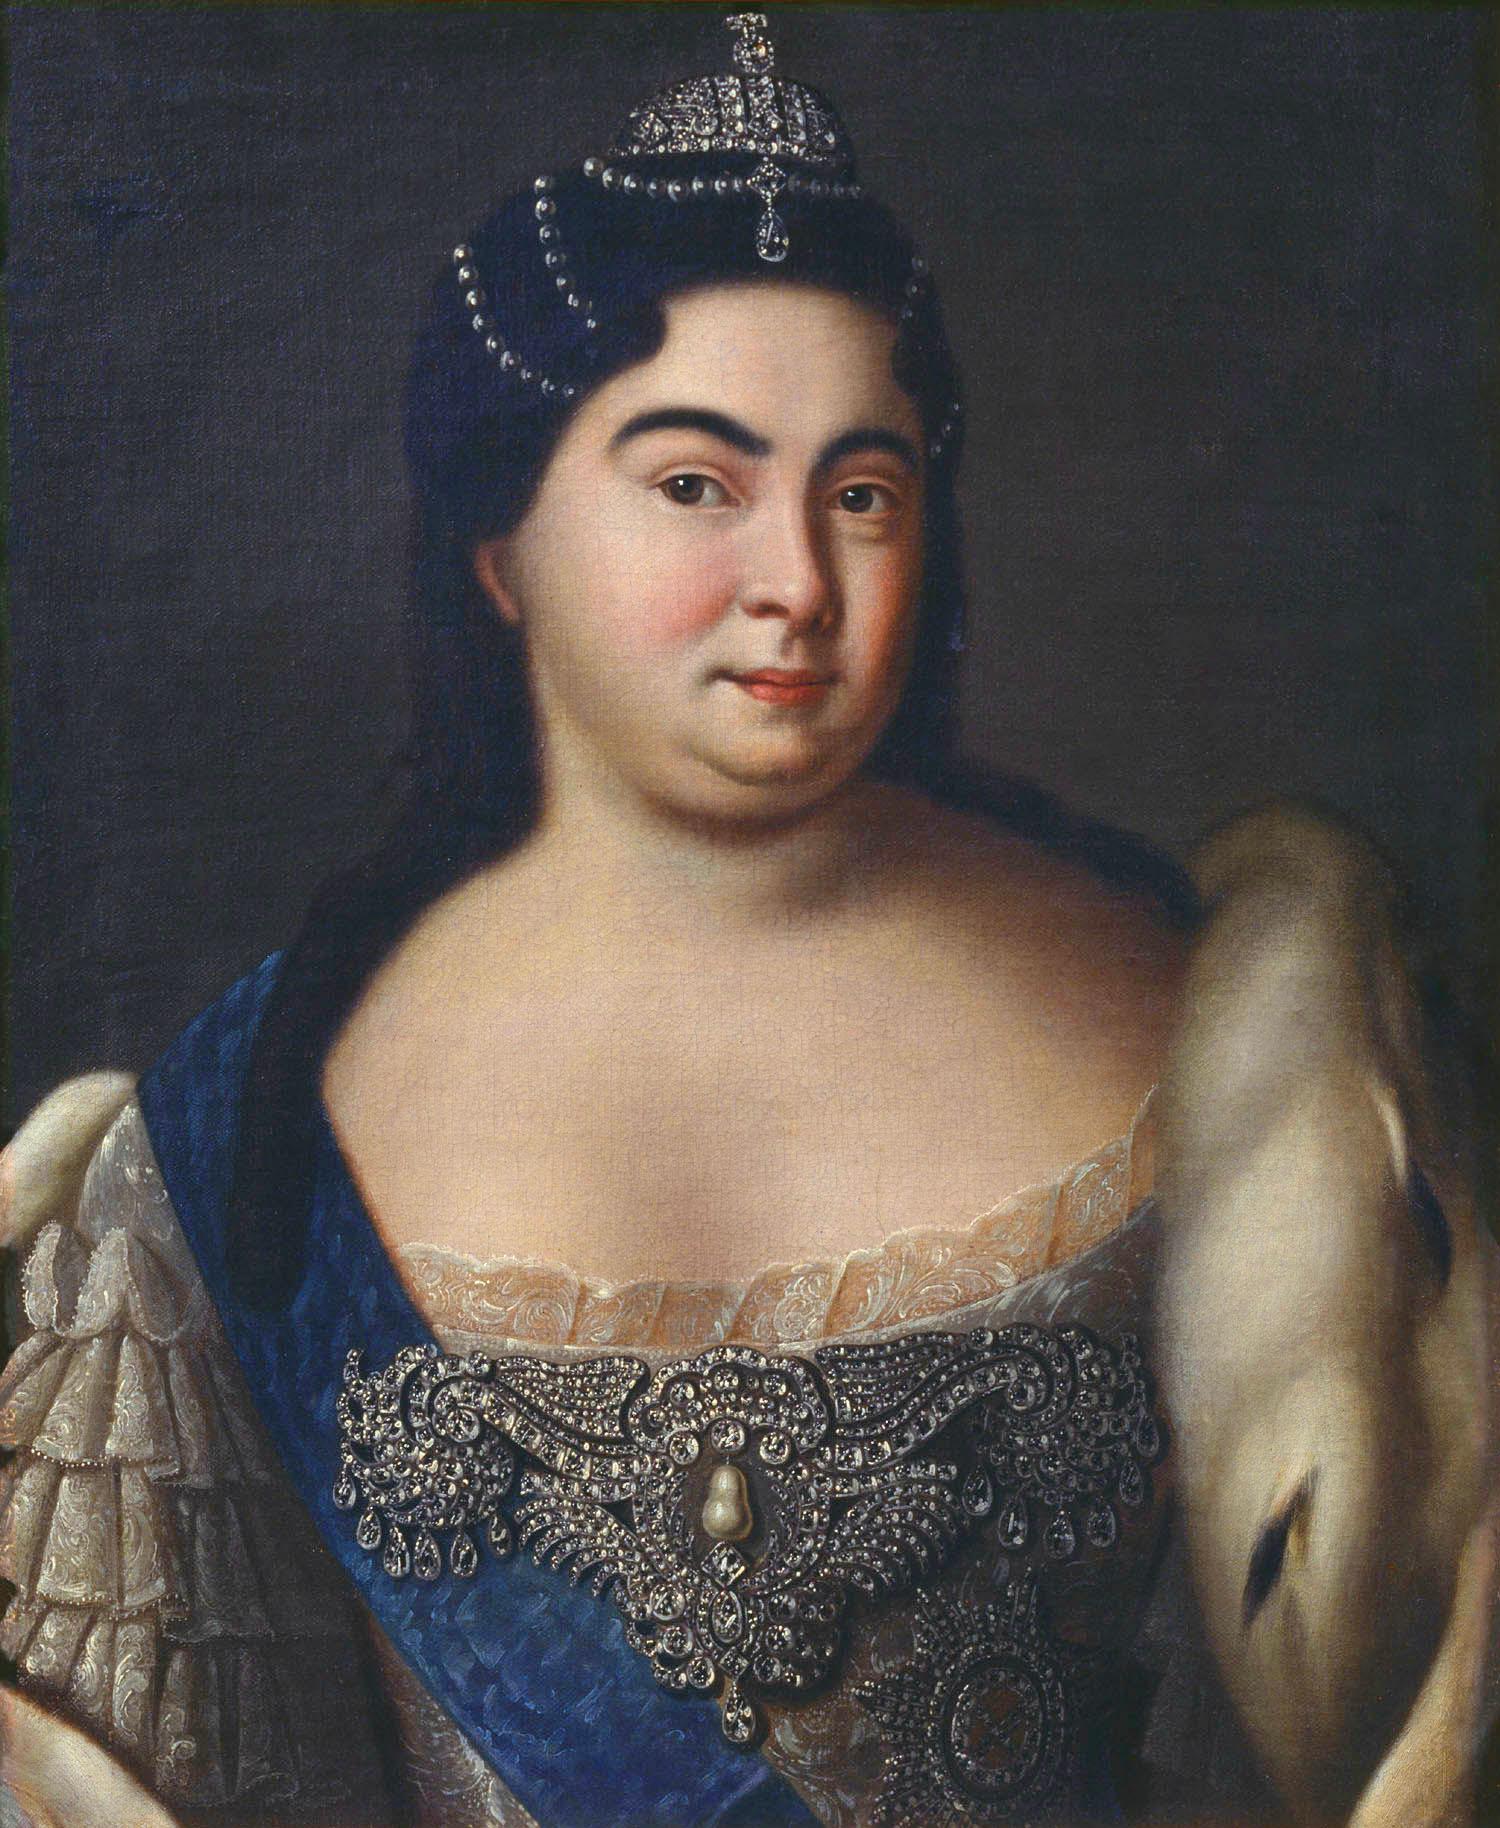 New Geluk en ongeluk in het leven van Catharina I van Rusland @SJ11